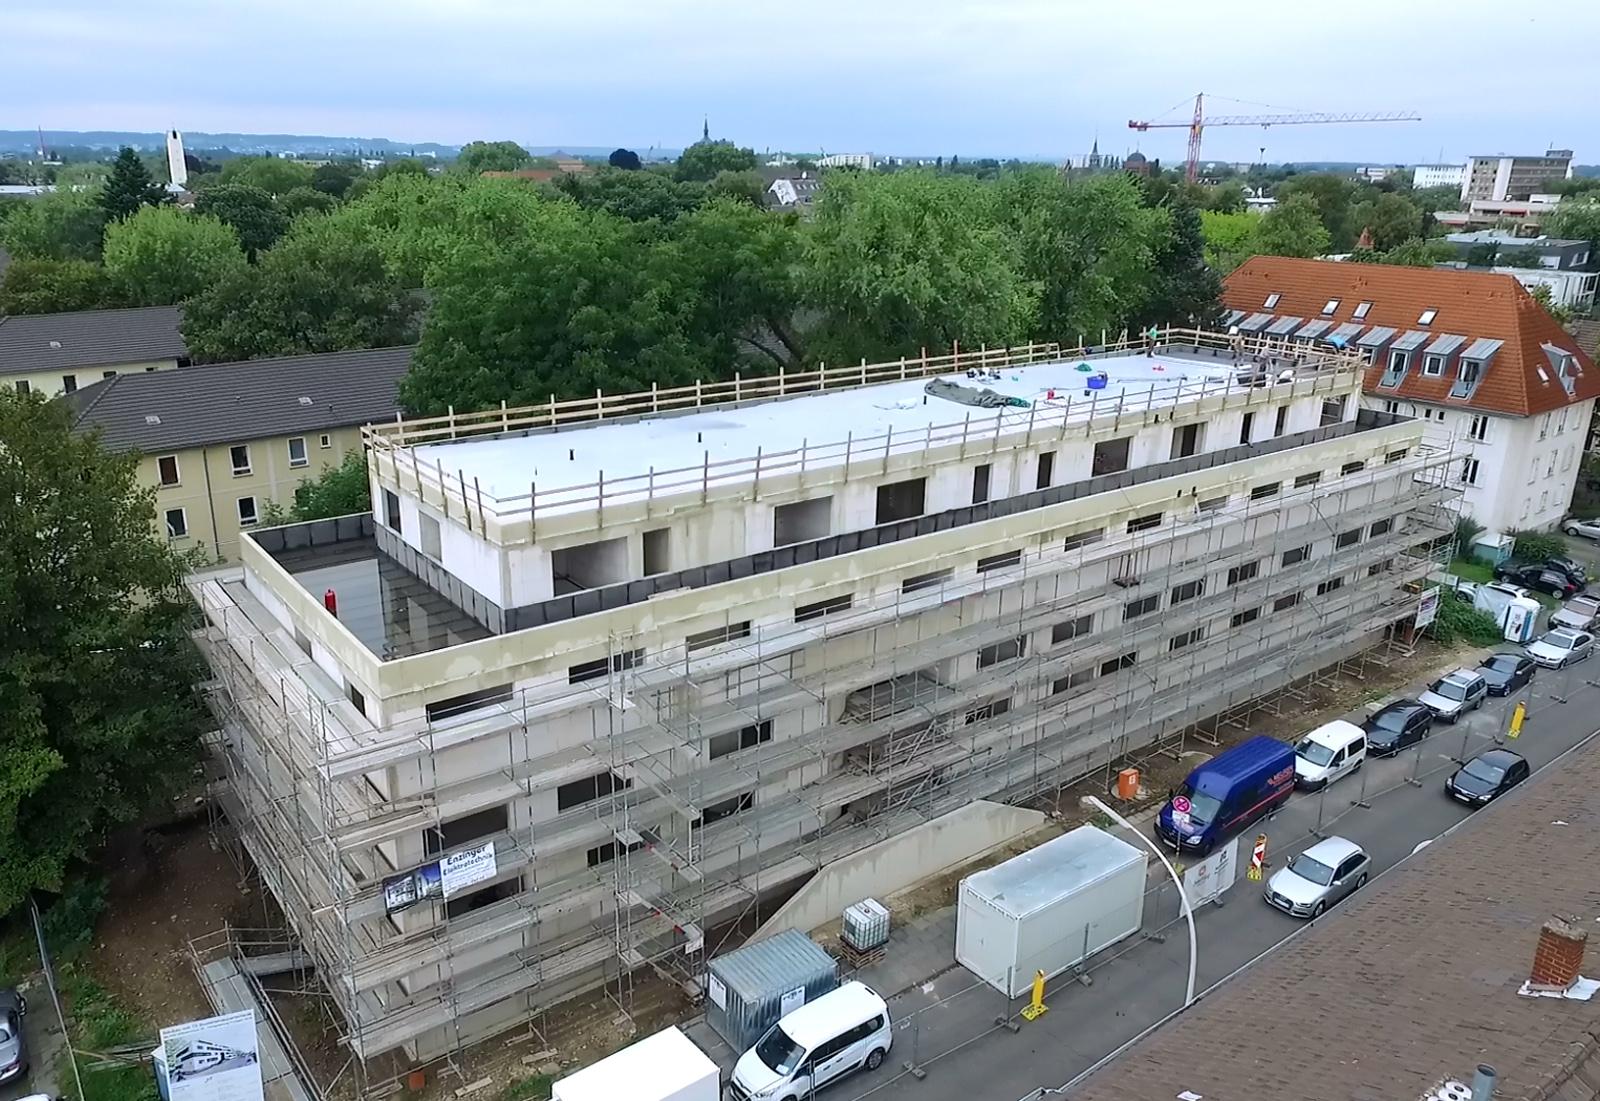 Rohbauarbeiten abgeschlossen! Drususstraße Studierendenwohnheim, neubau Architekt Bonn